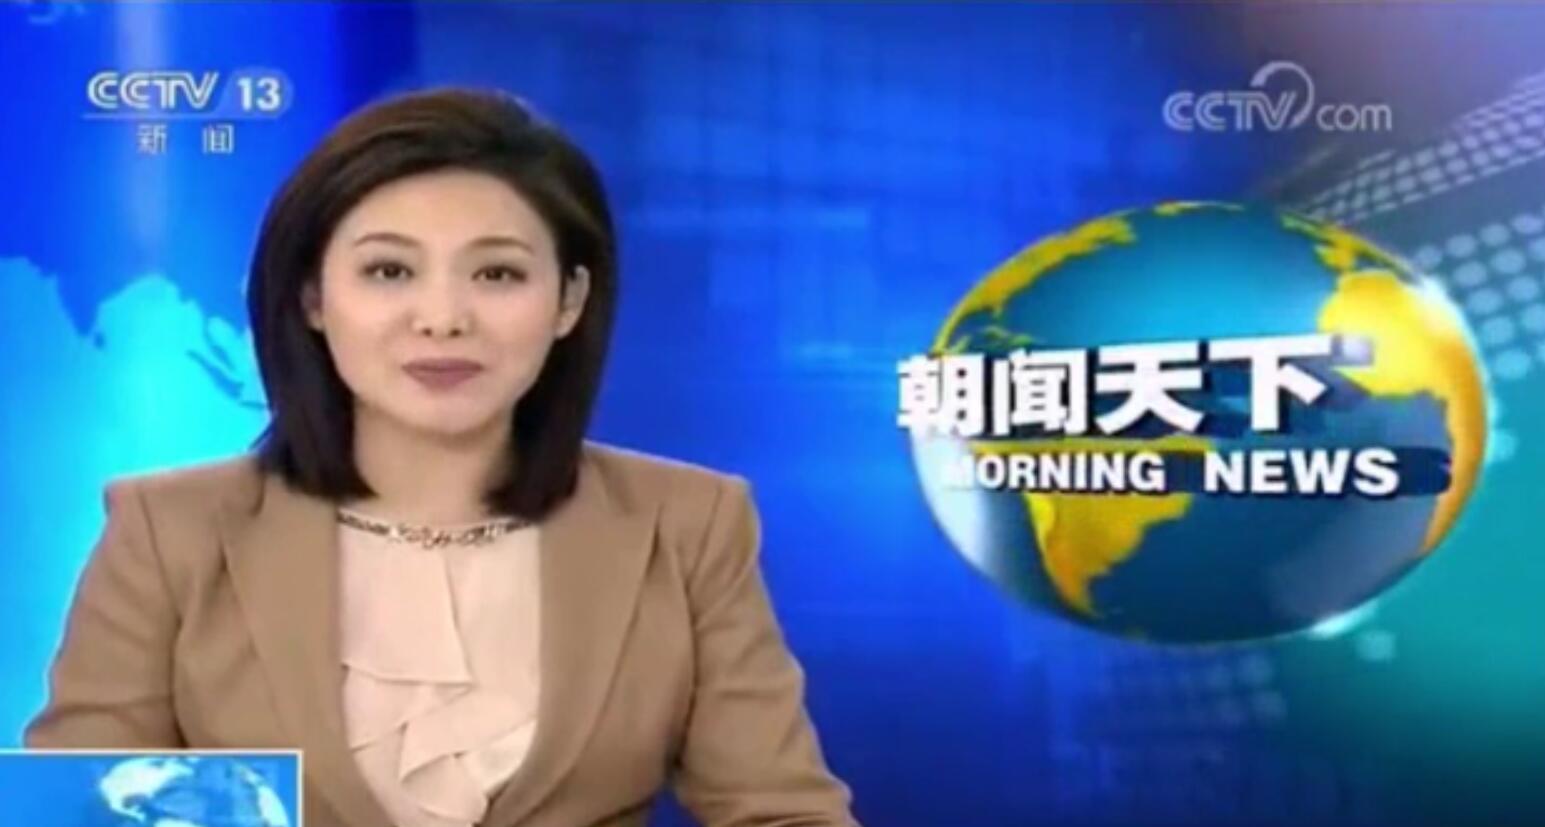 央视新闻报道:东土工业互联网平台发布